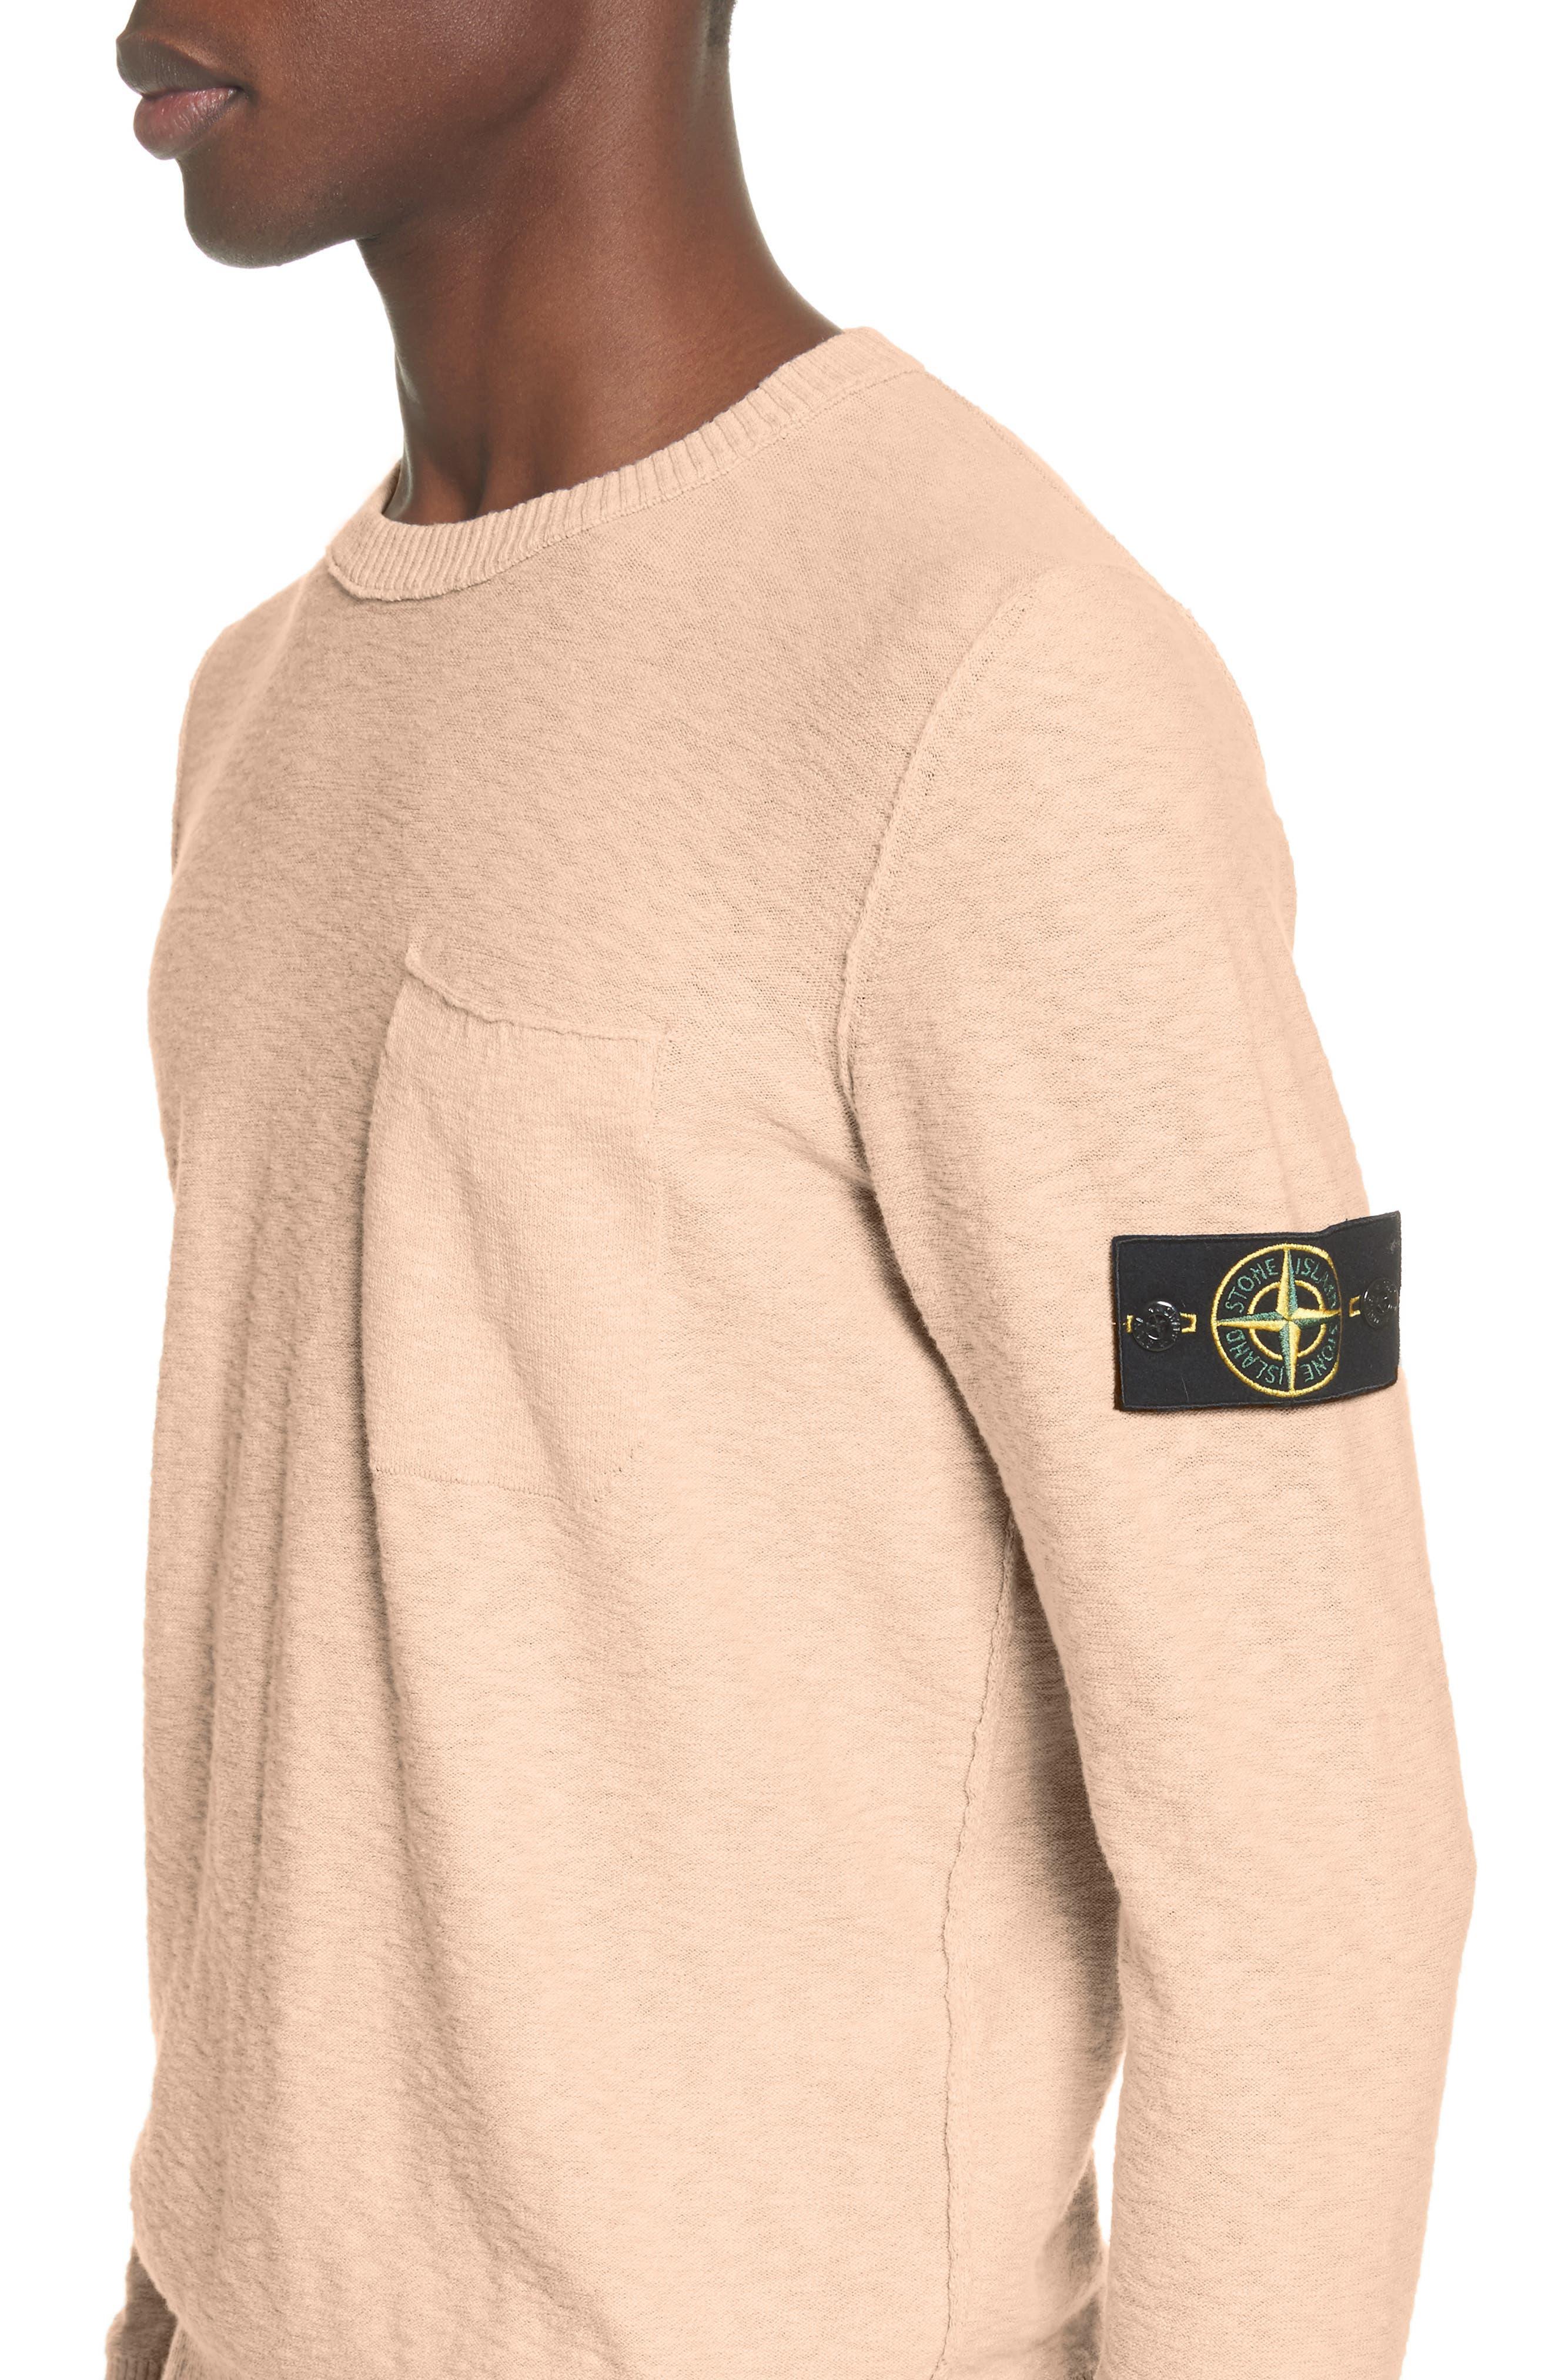 Garment Dyed Cotton Blend Sweatshirt,                             Alternate thumbnail 4, color,                             Coral